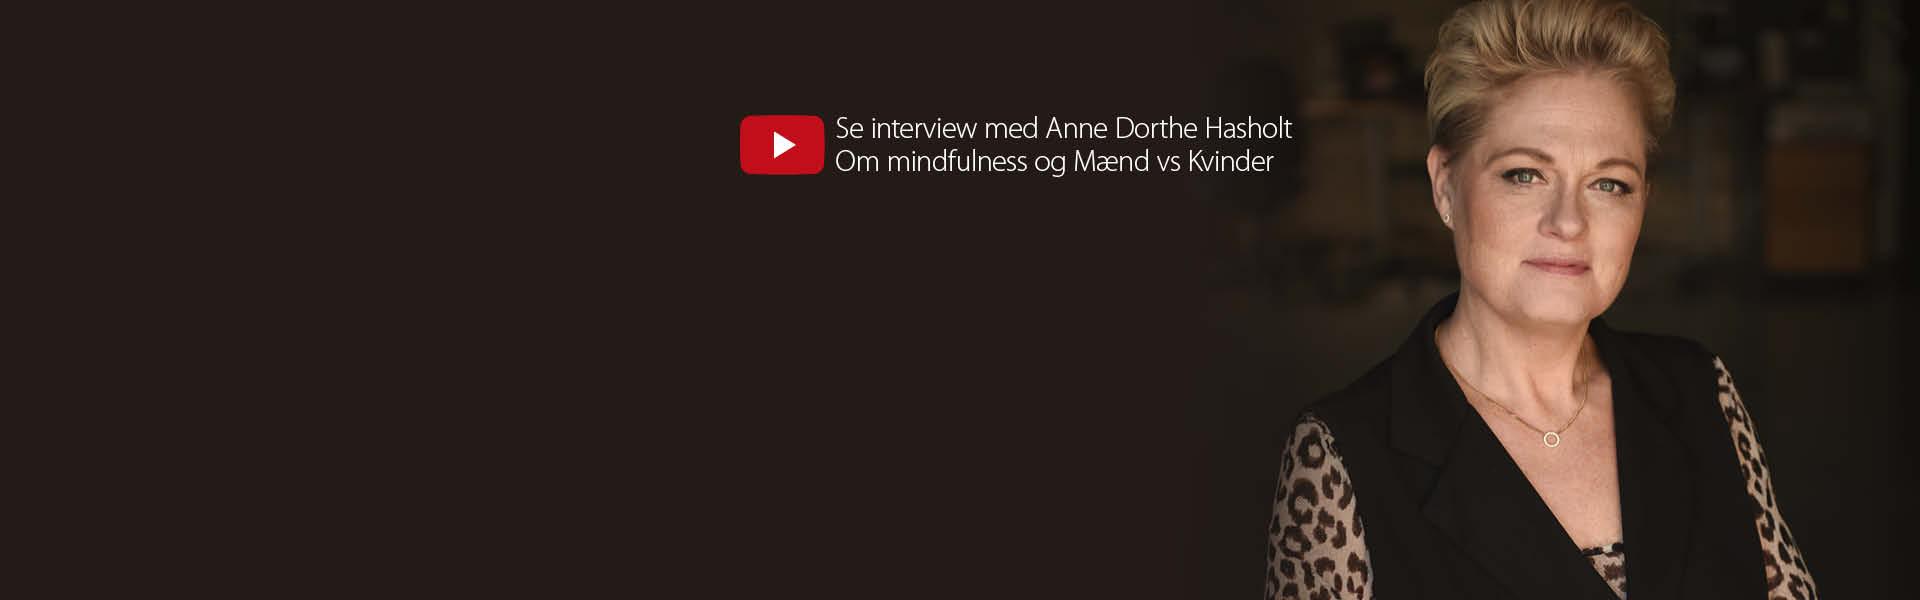 Videocover_1920x600px_Anne Dorthe Hasholt _Om mindfulness_Mænd vs Kvinder